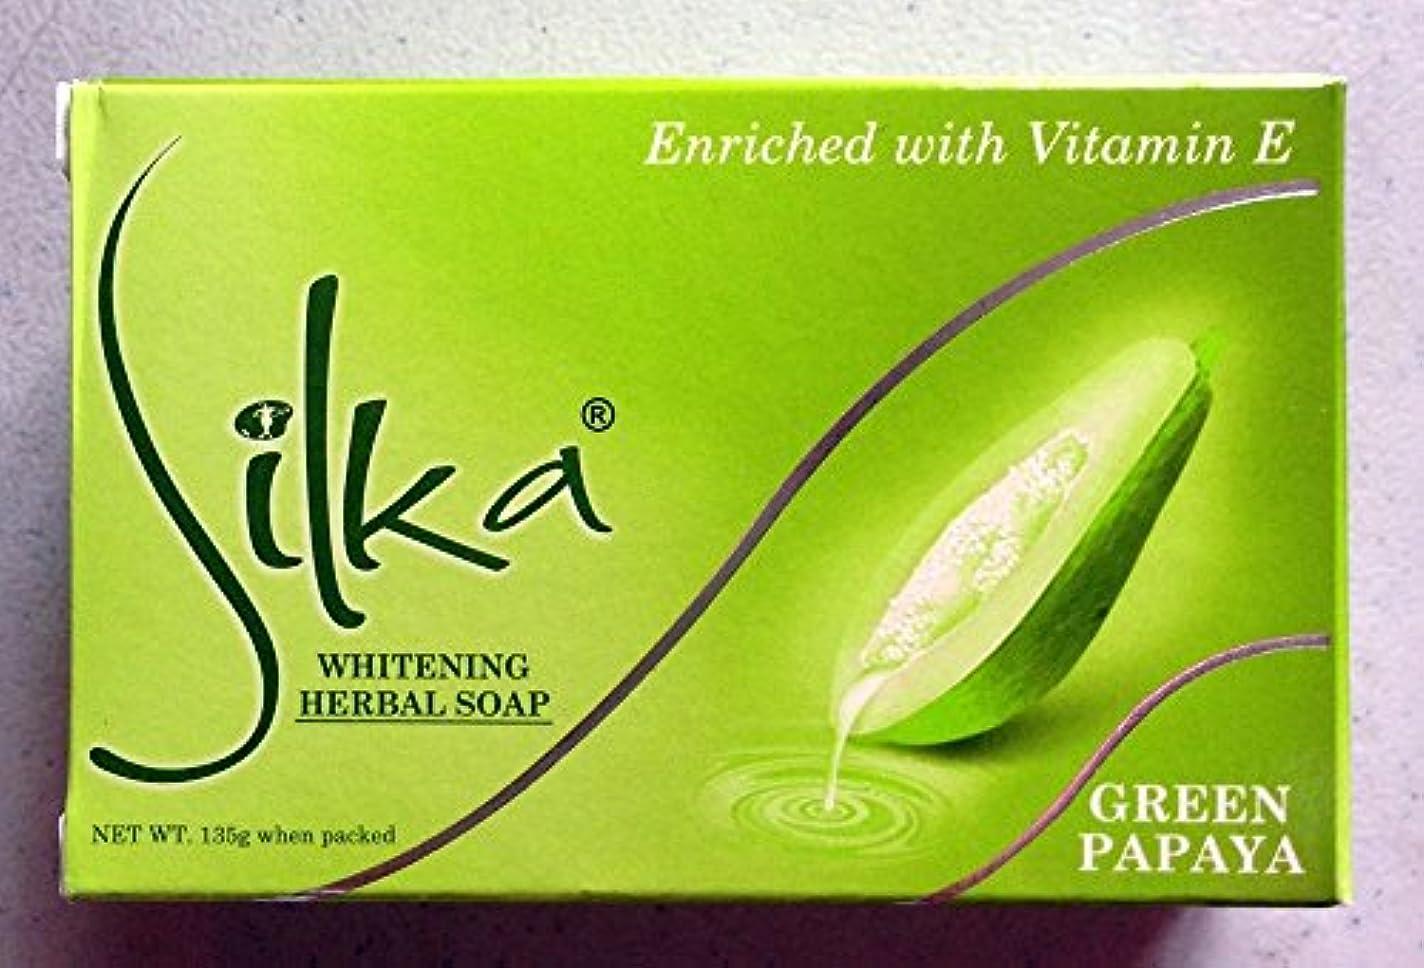 シフト因子定説シルカ グリーン パパイヤソープ 135g Silka green papaya soap